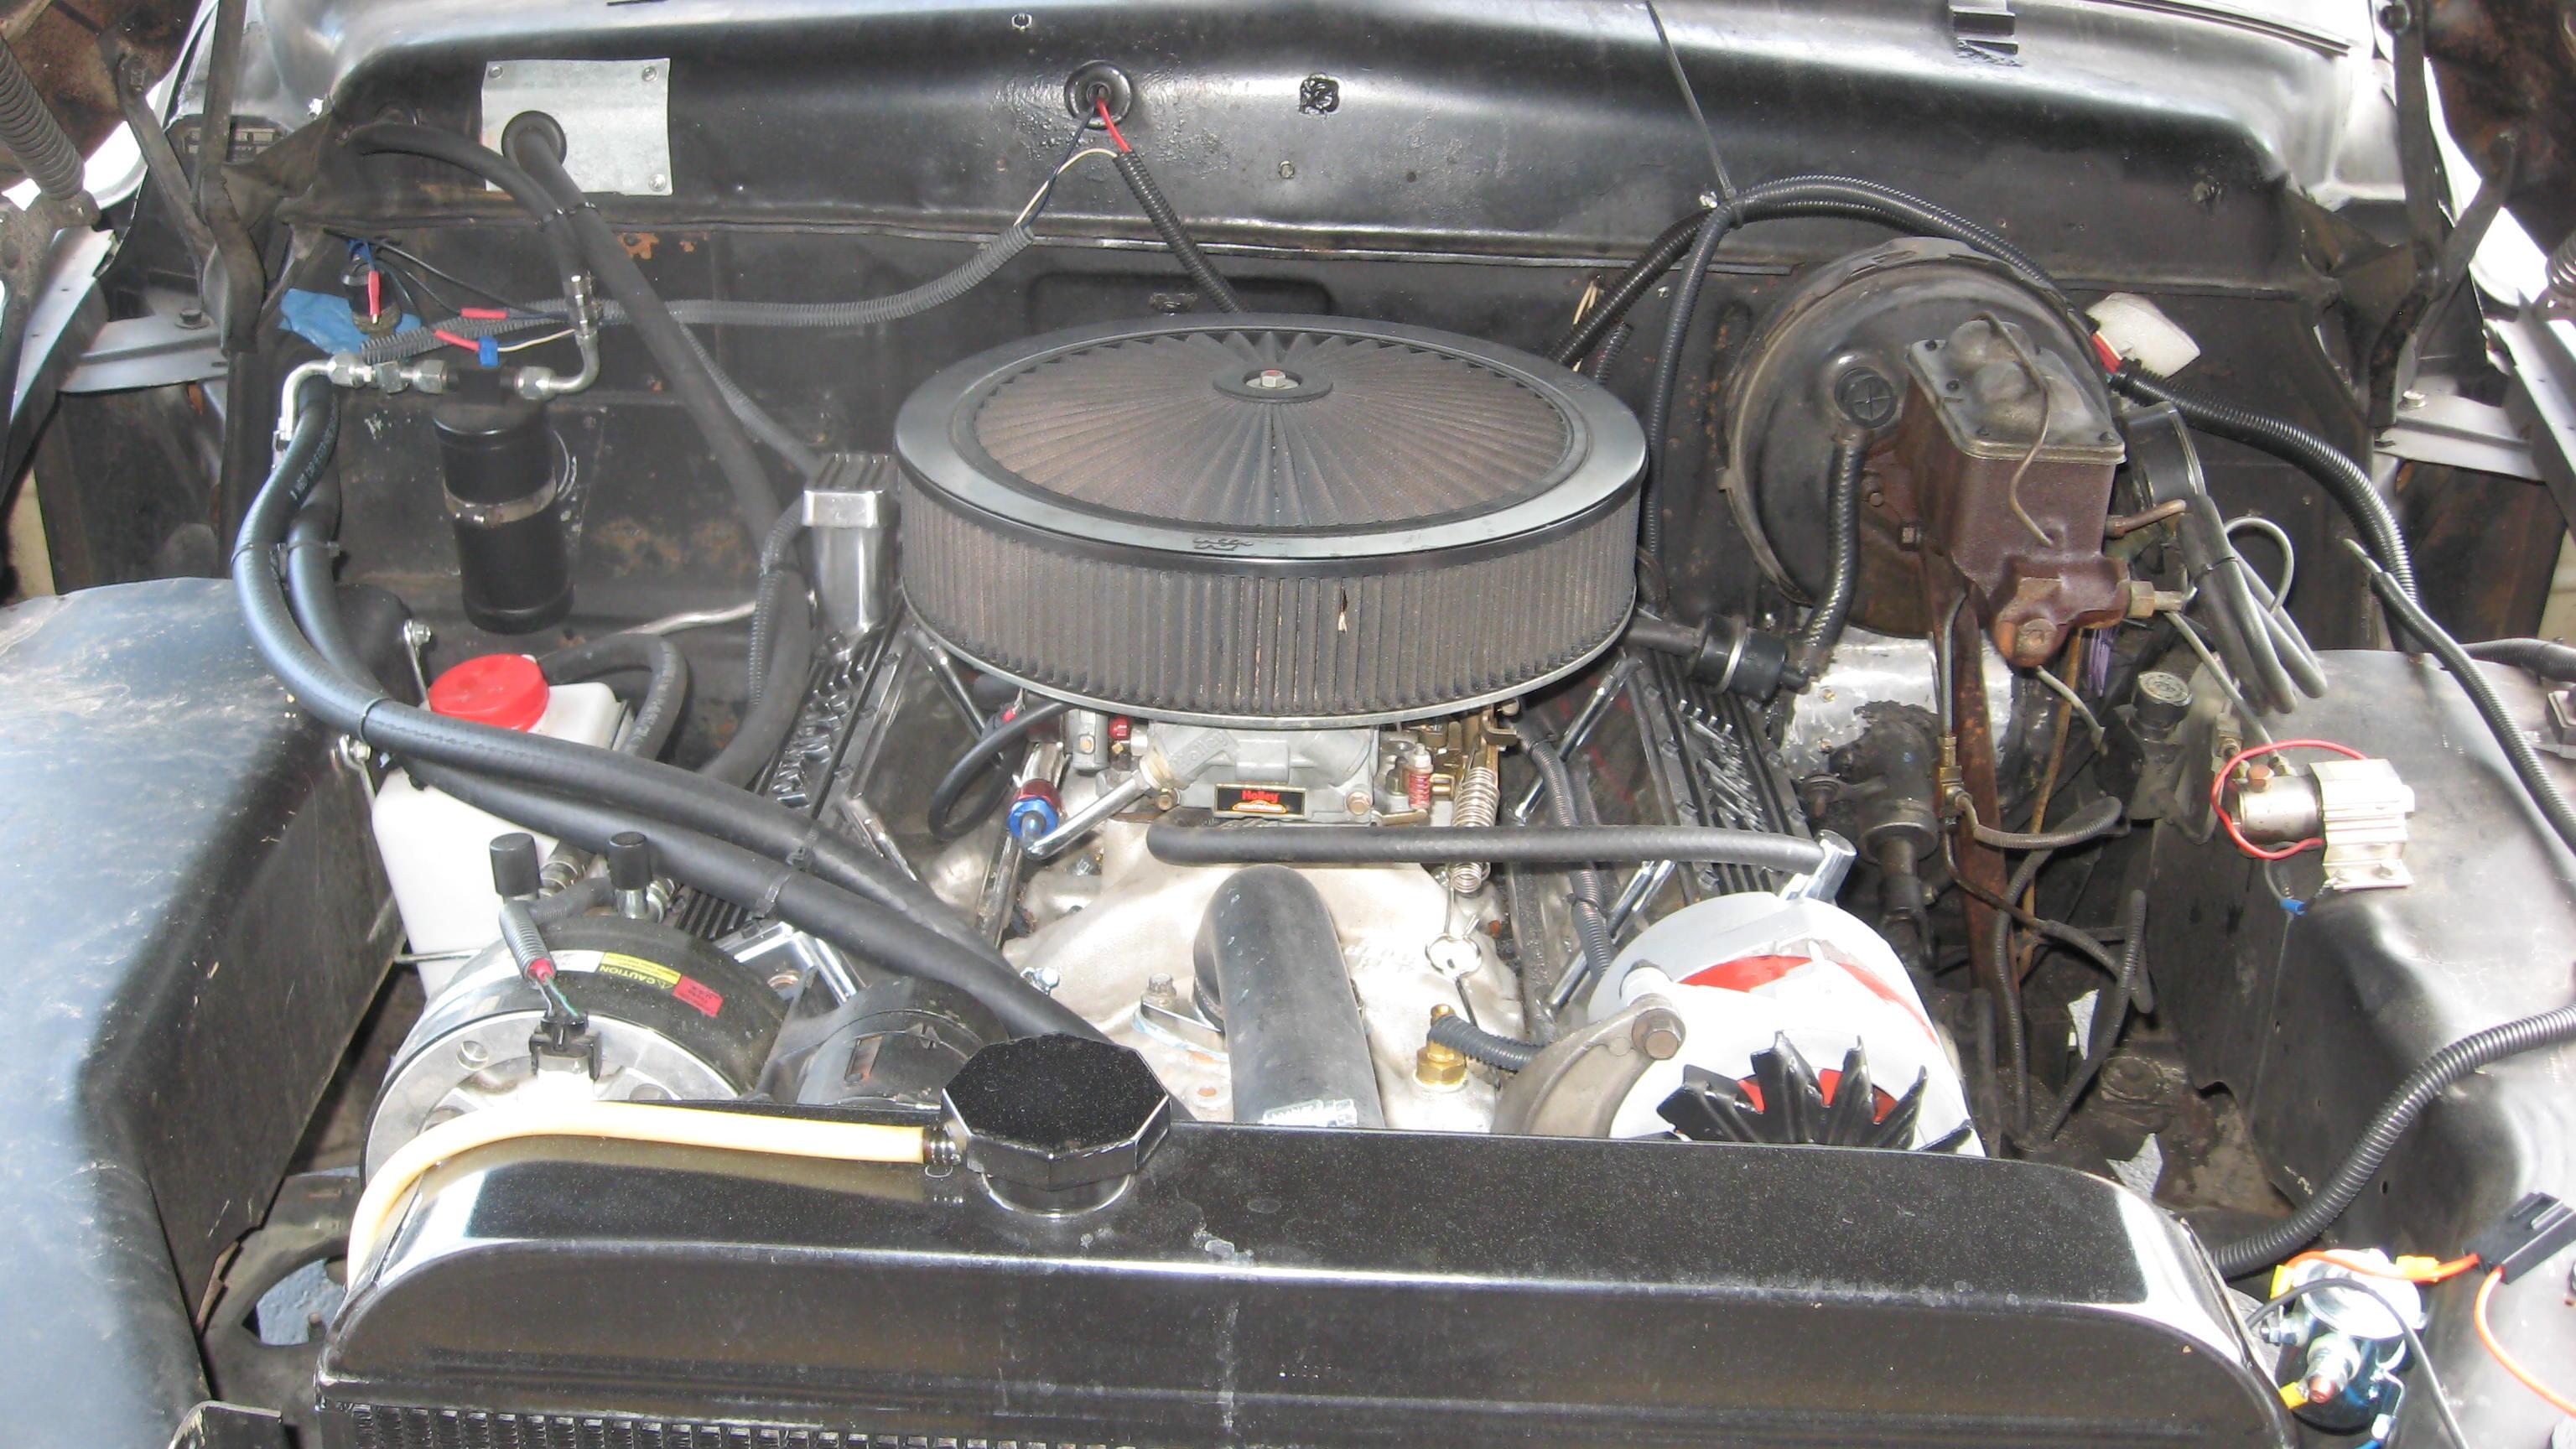 scott 39 s auto repair llc in west columbia sc 29169. Black Bedroom Furniture Sets. Home Design Ideas